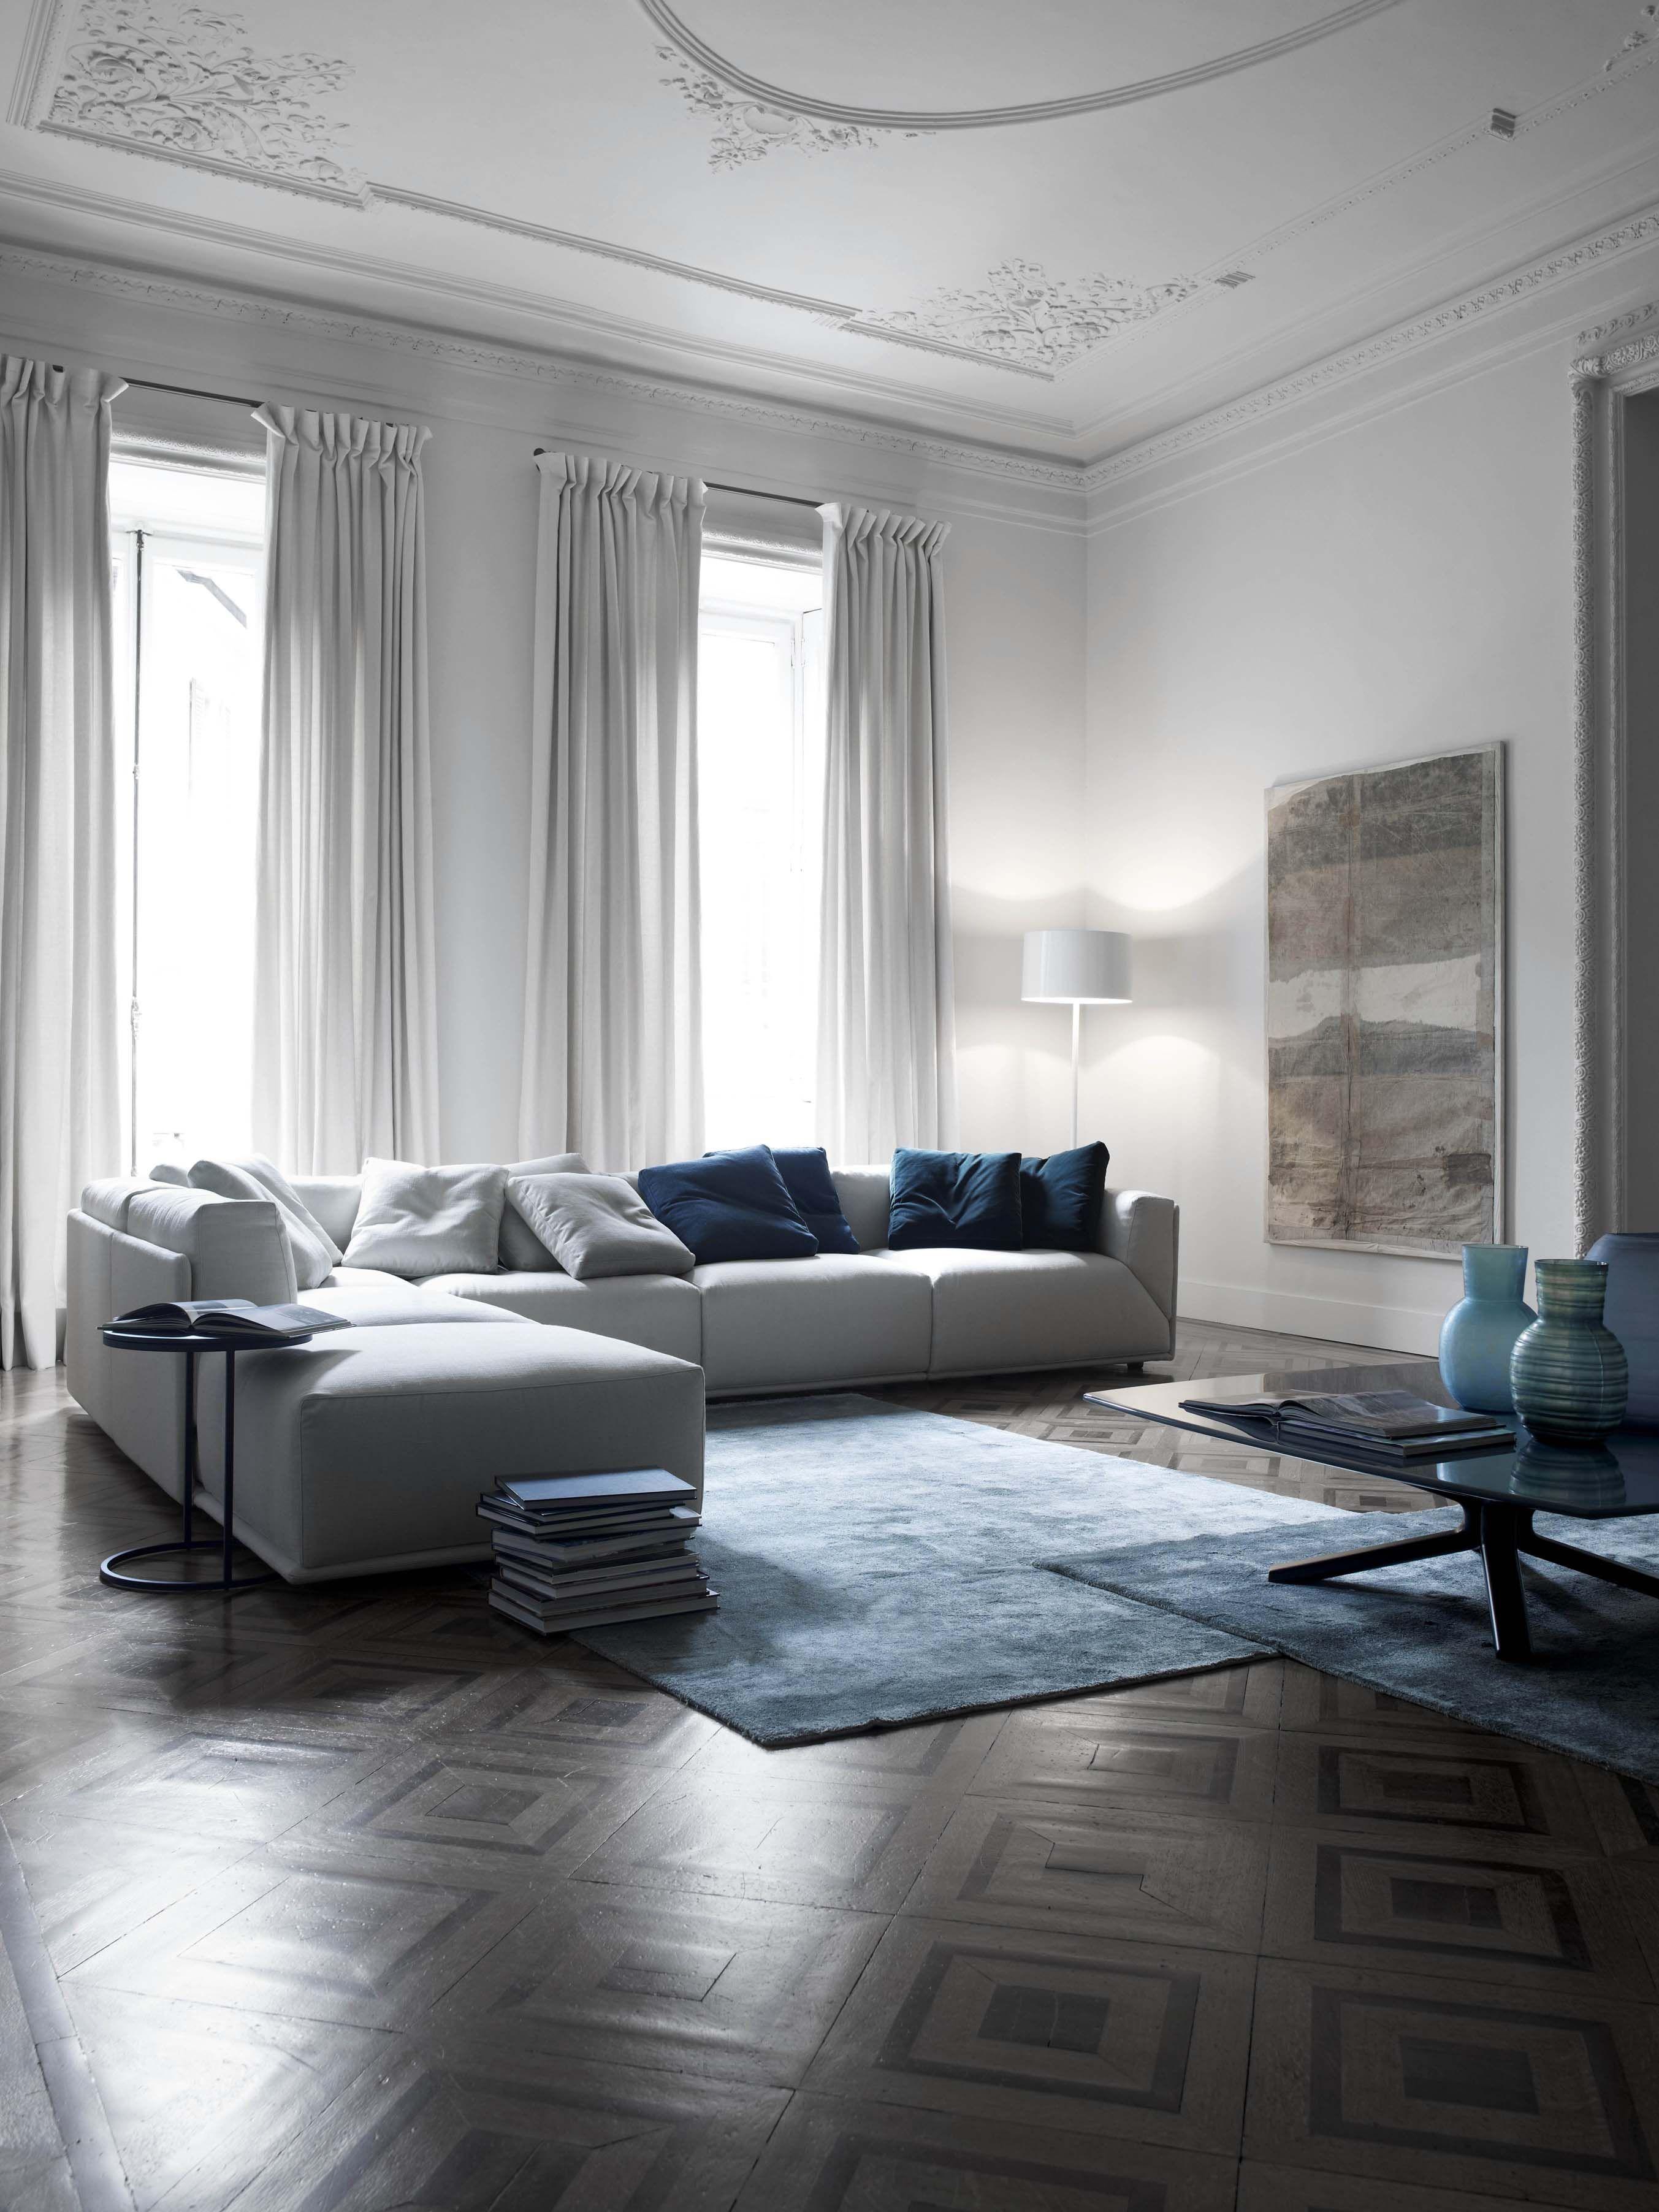 White Sofa Living Room 6u5jf Magzuscom Bacon Velvet Pillows And Modular Sofa